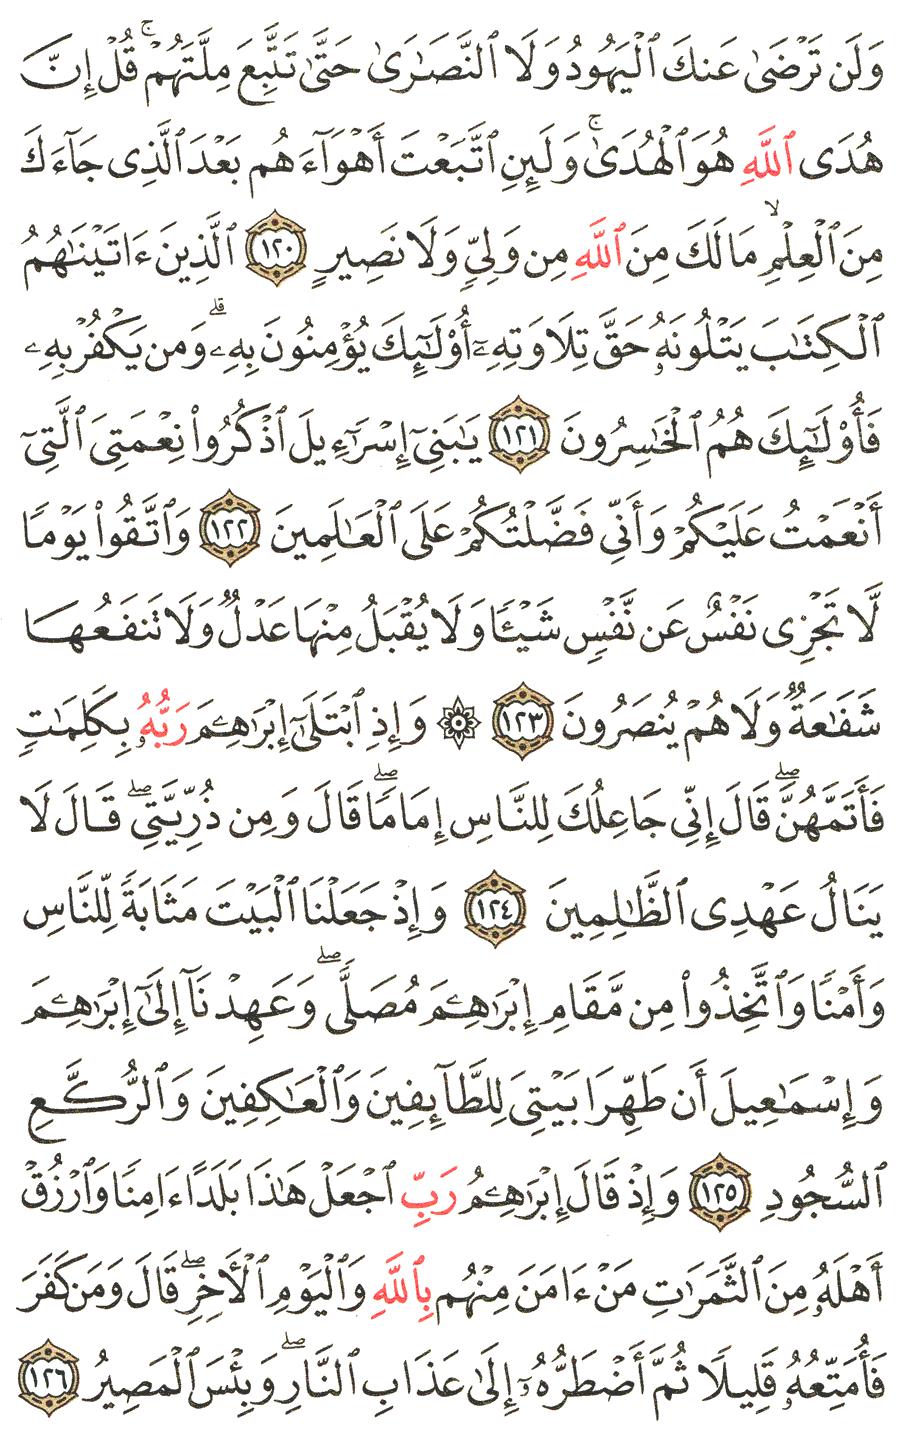 تفسير الآية 120 إلى 126 من سورة البقرة التفسير الميسر